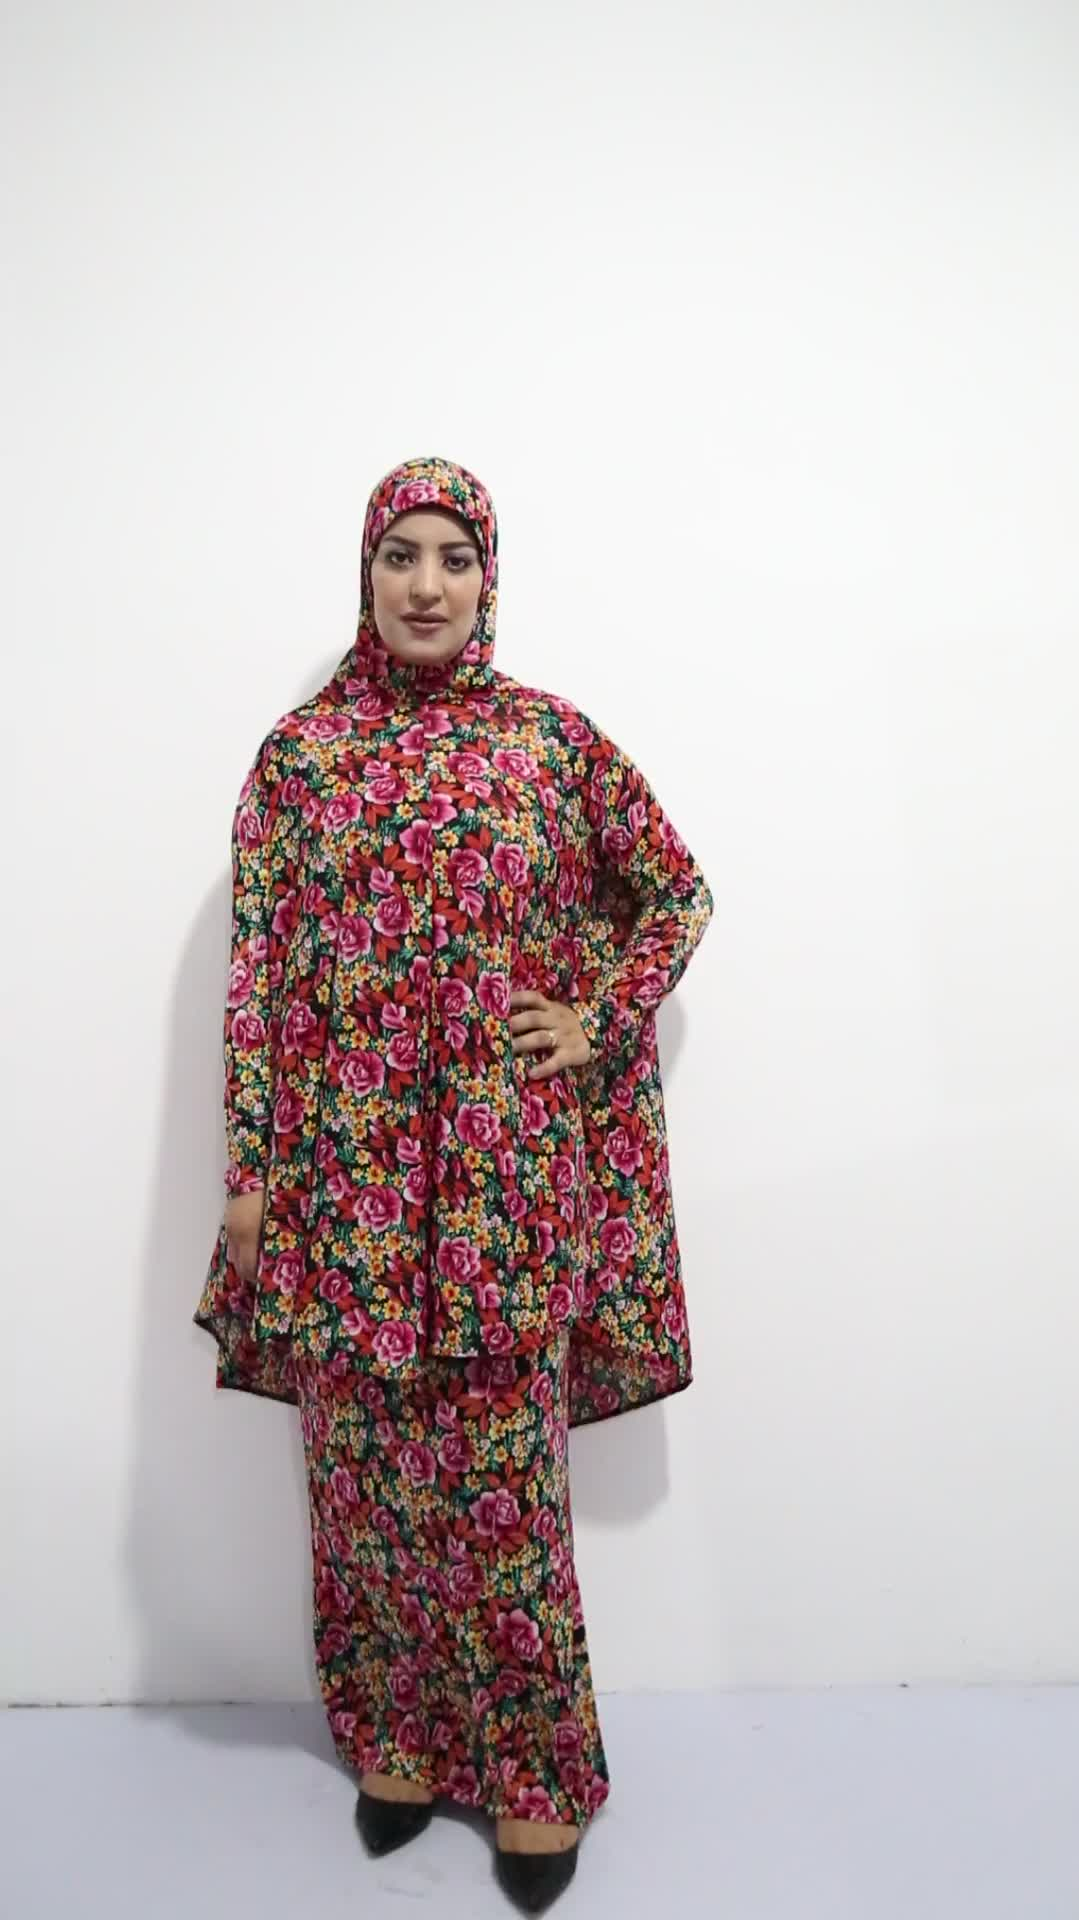 Commercio All'ingrosso di Abbigliamento in Cotone di Modo Burqa islamico Abaya per Le Donne